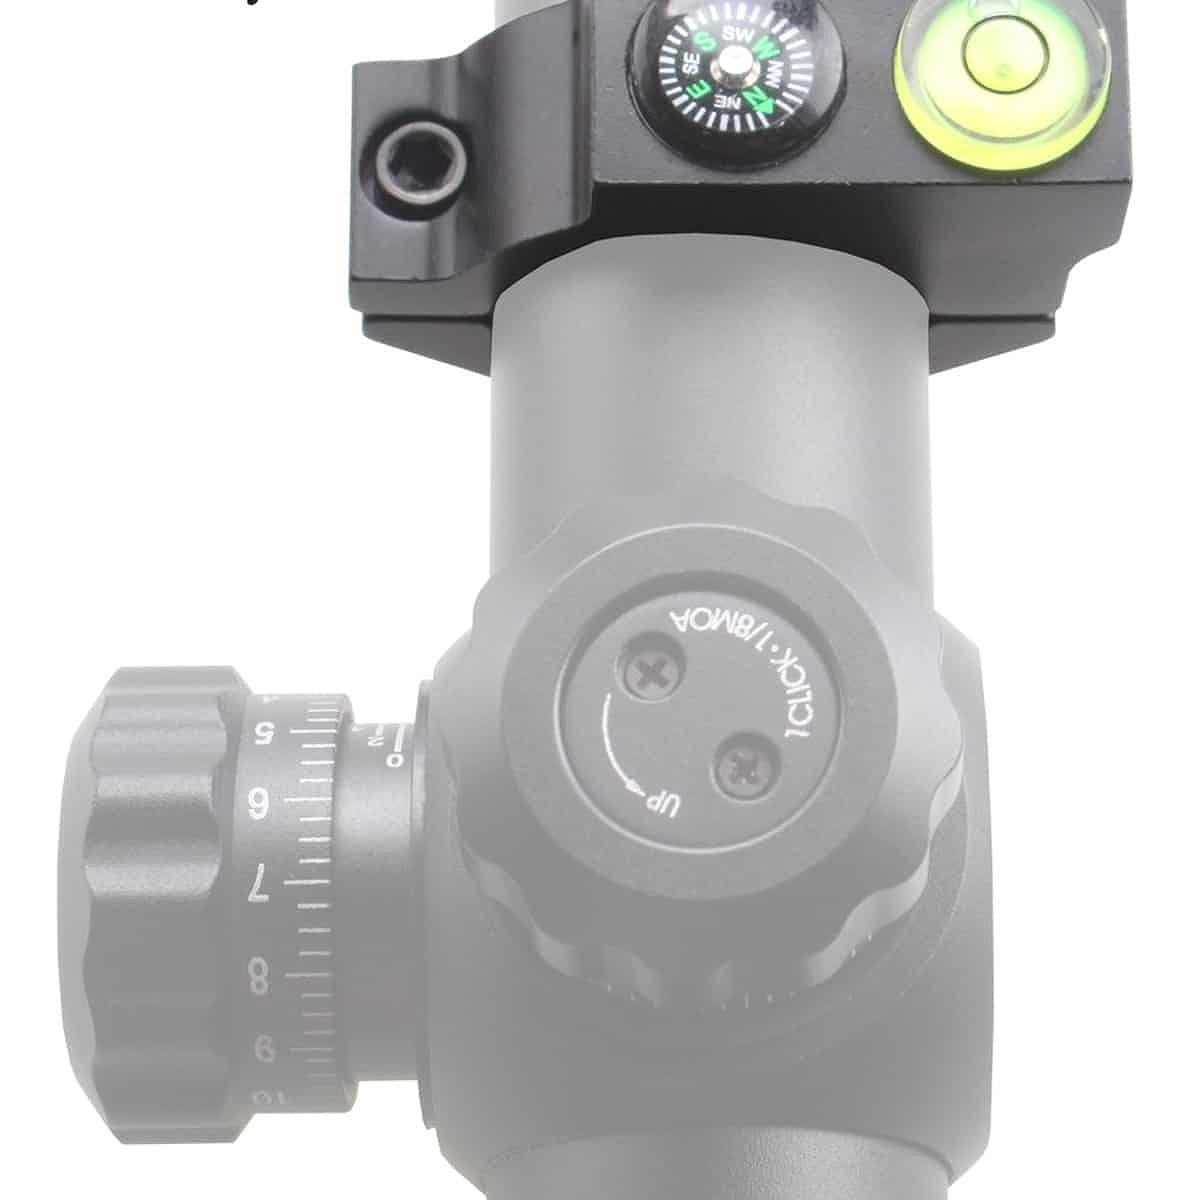 【お届け予定日: 5月30日】ベクターオプティクス 水平器 25.4mm Offest Bubblew/ Compass  Vector Optics SCACD-06